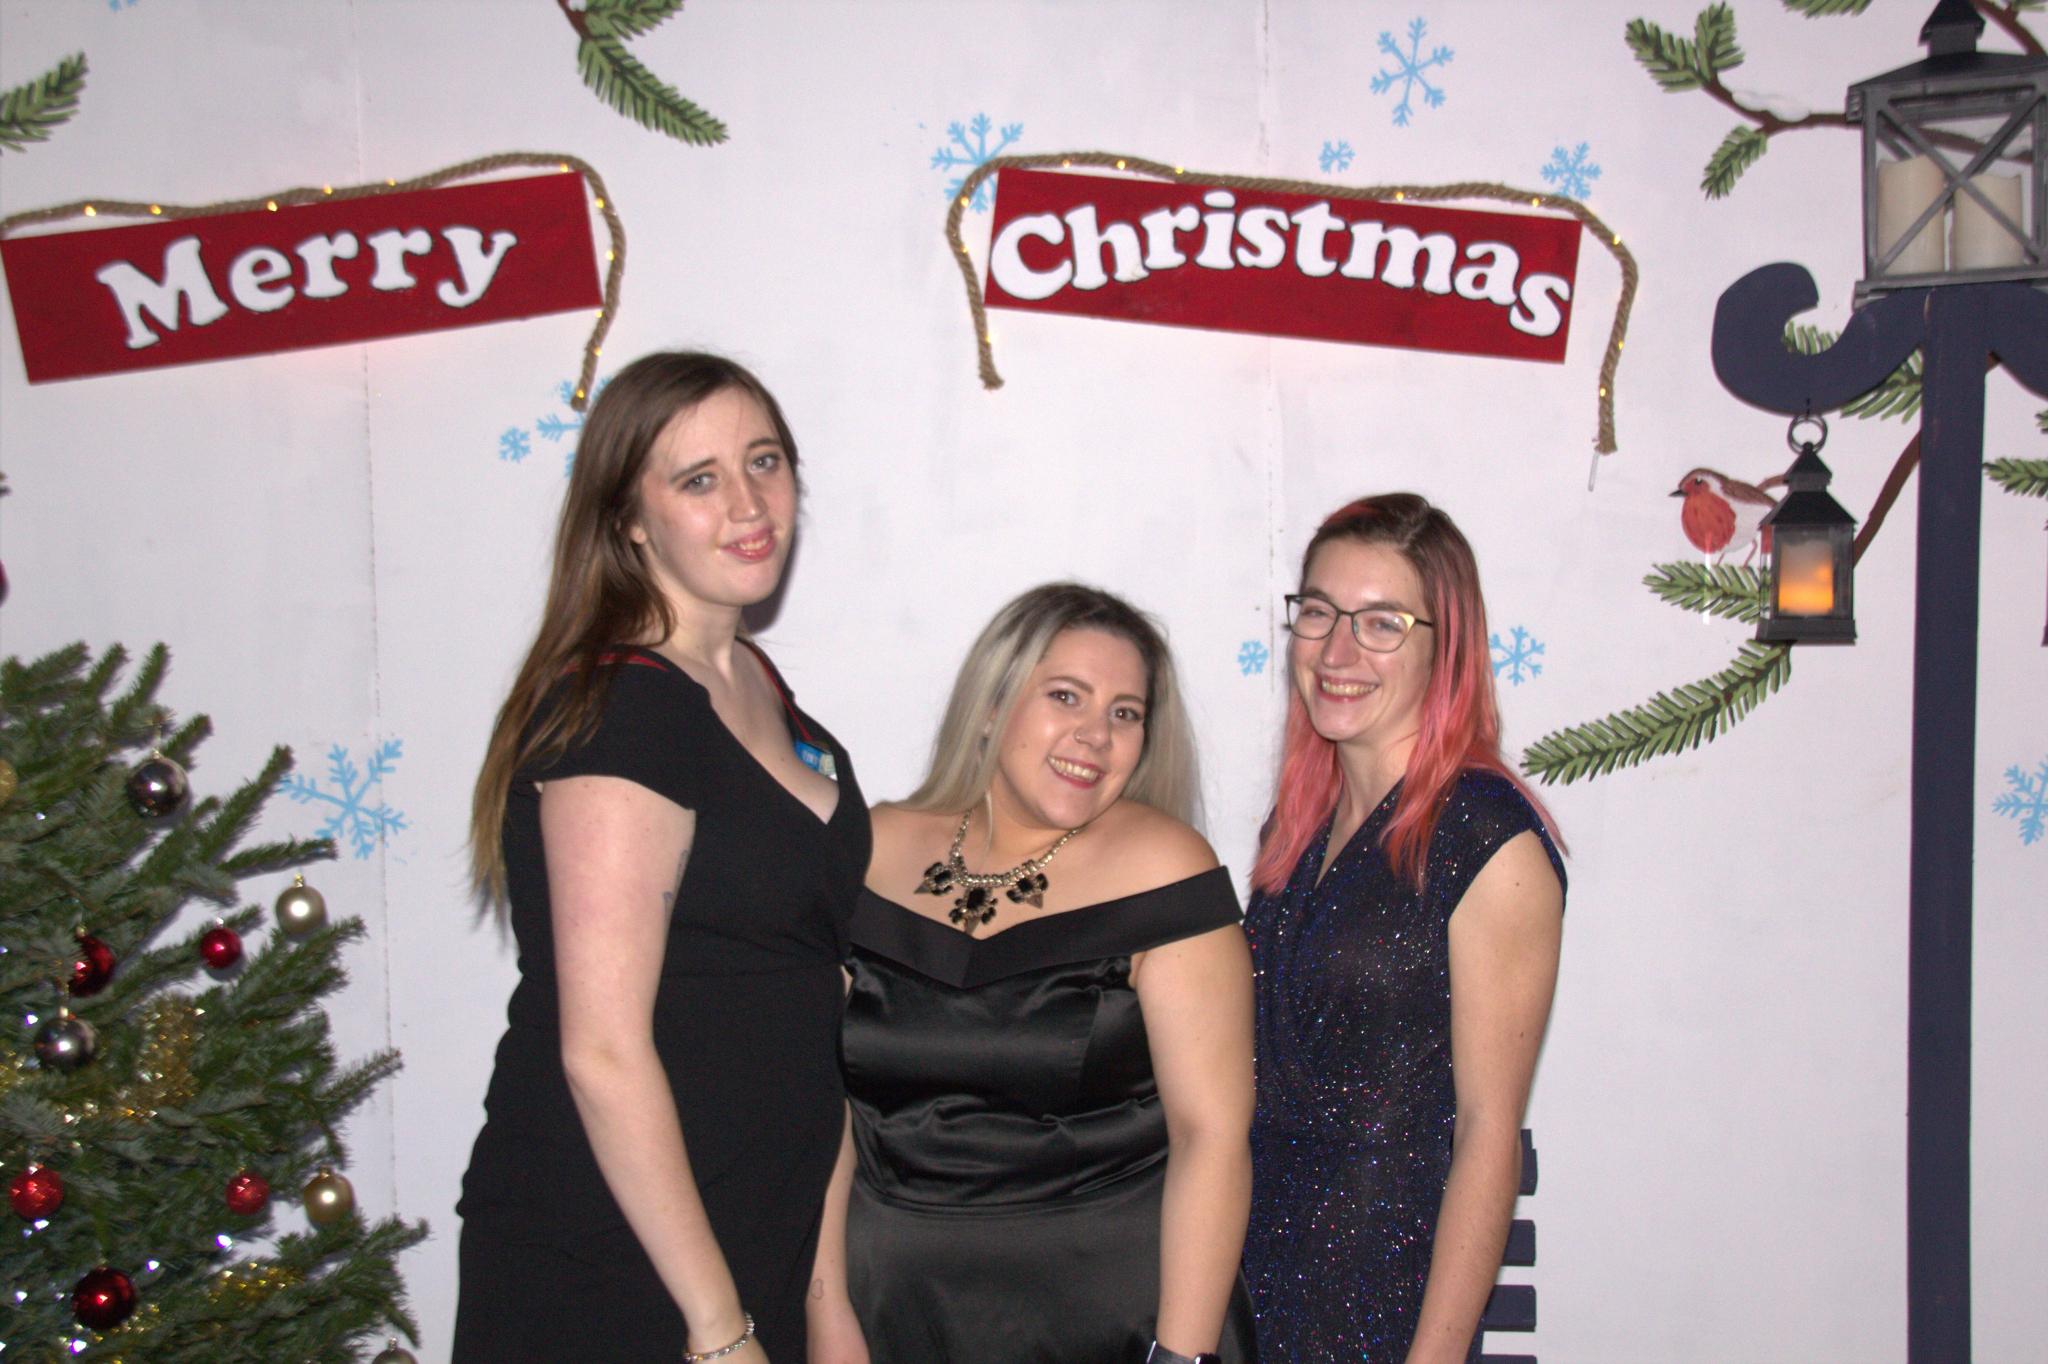 Kerstfeest_209